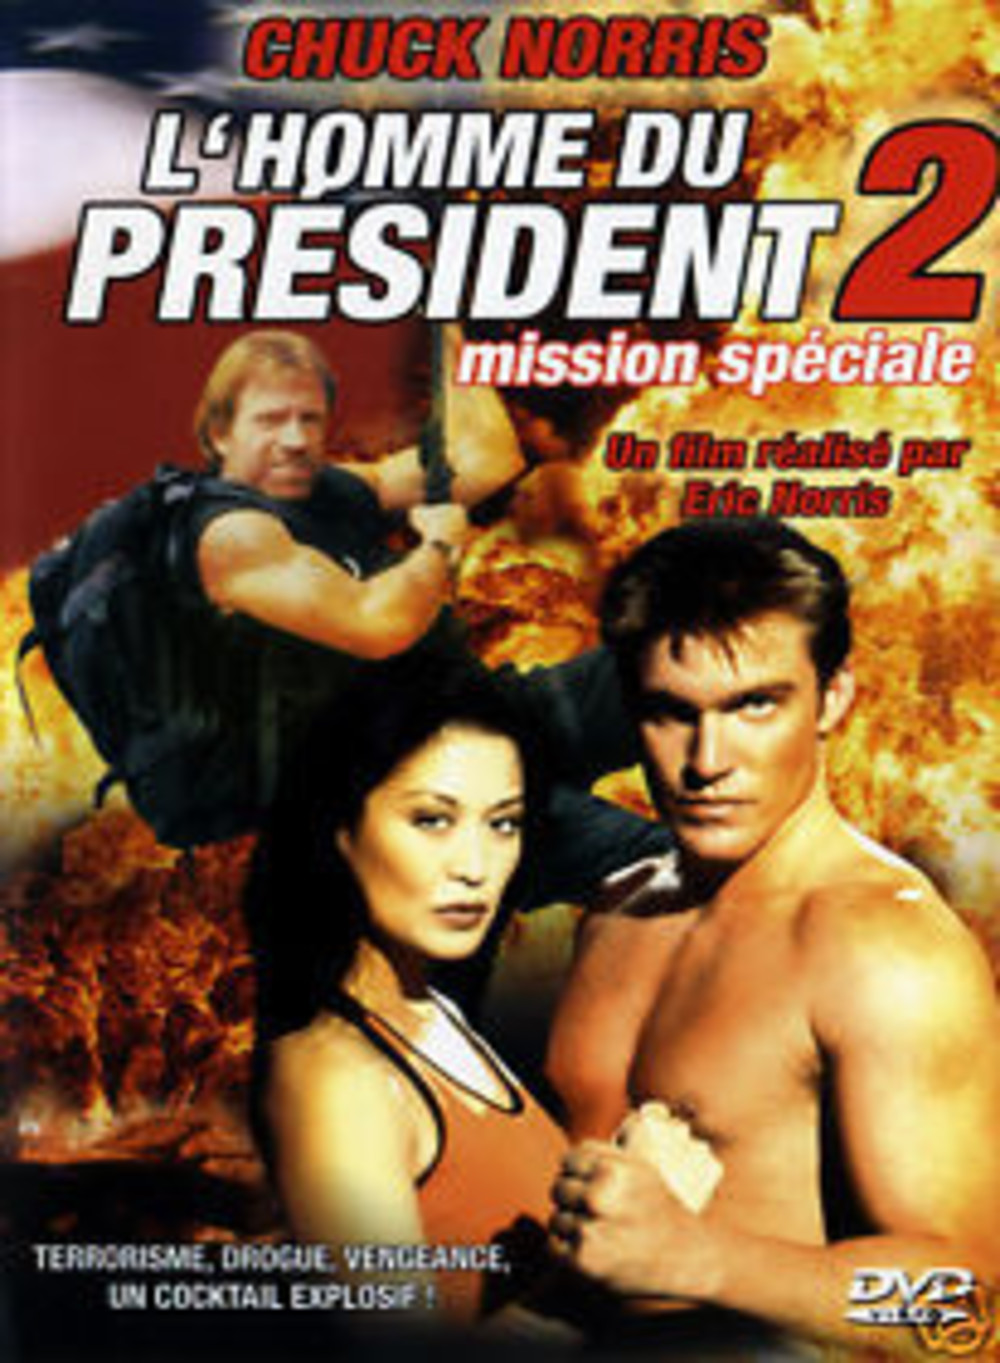 affiche du film L'homme du Président 2: Mission spéciale (TV)